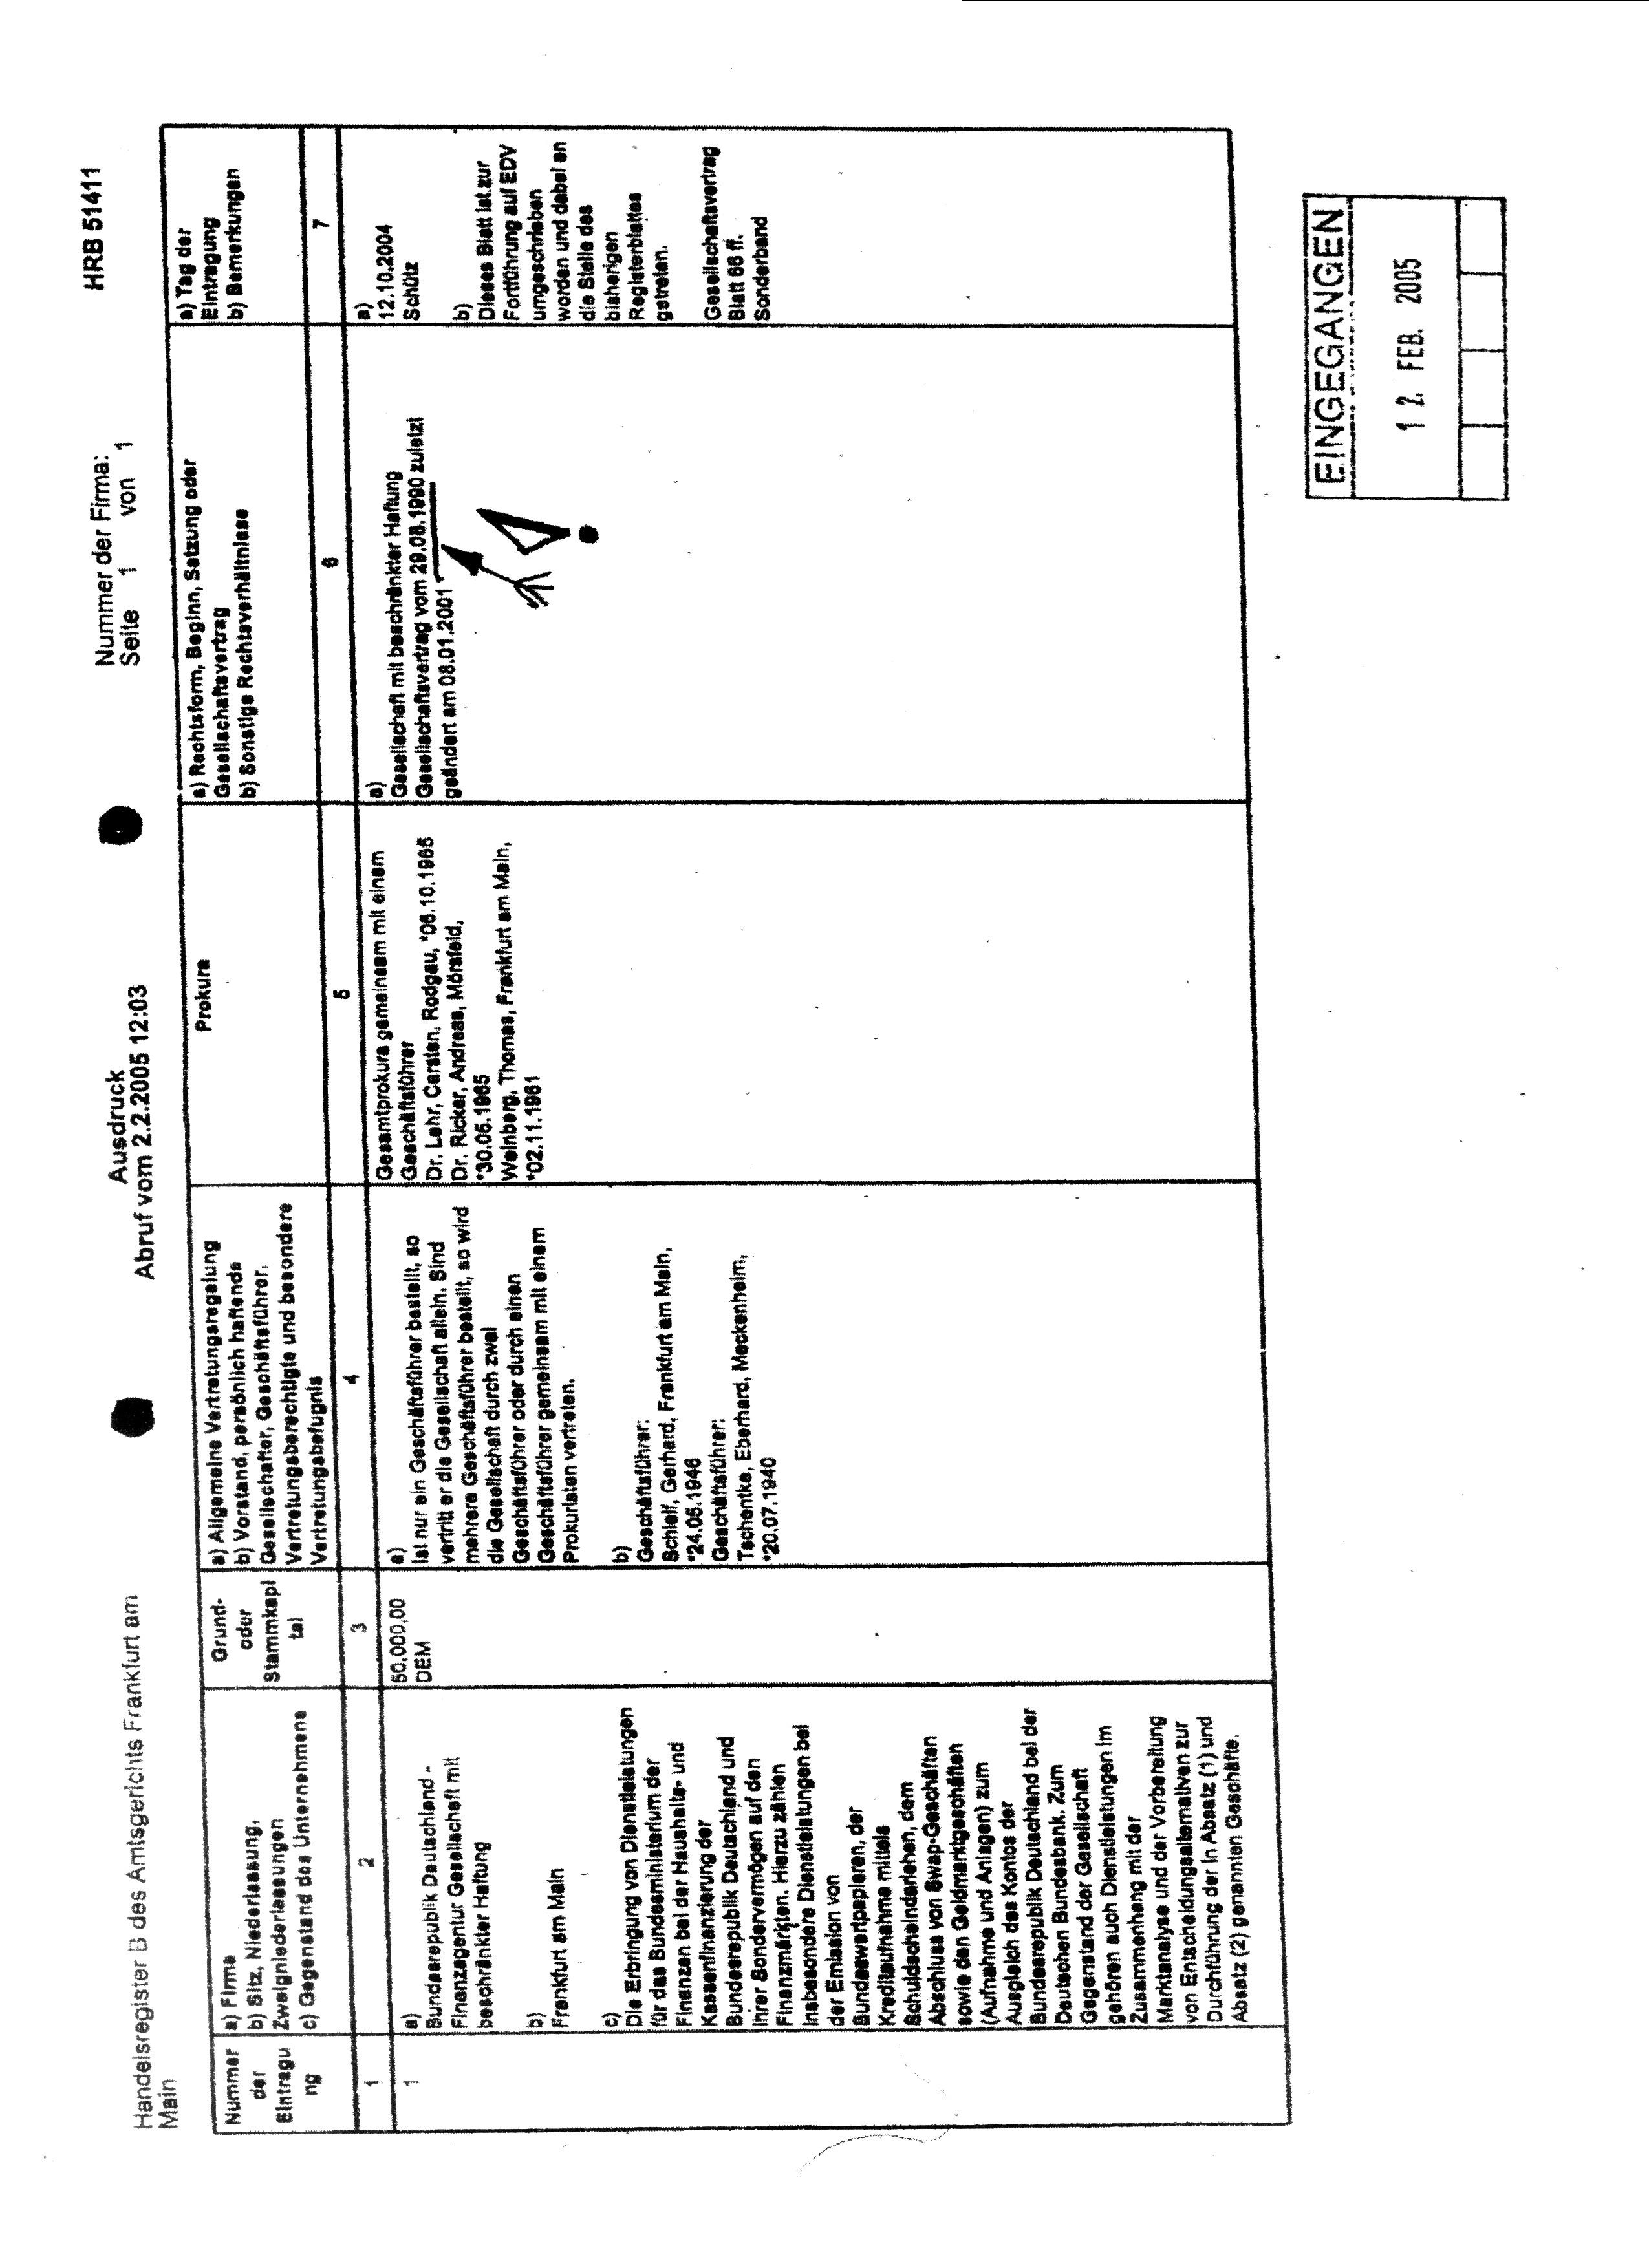 Brd Gmbh Handelsregistereintrag